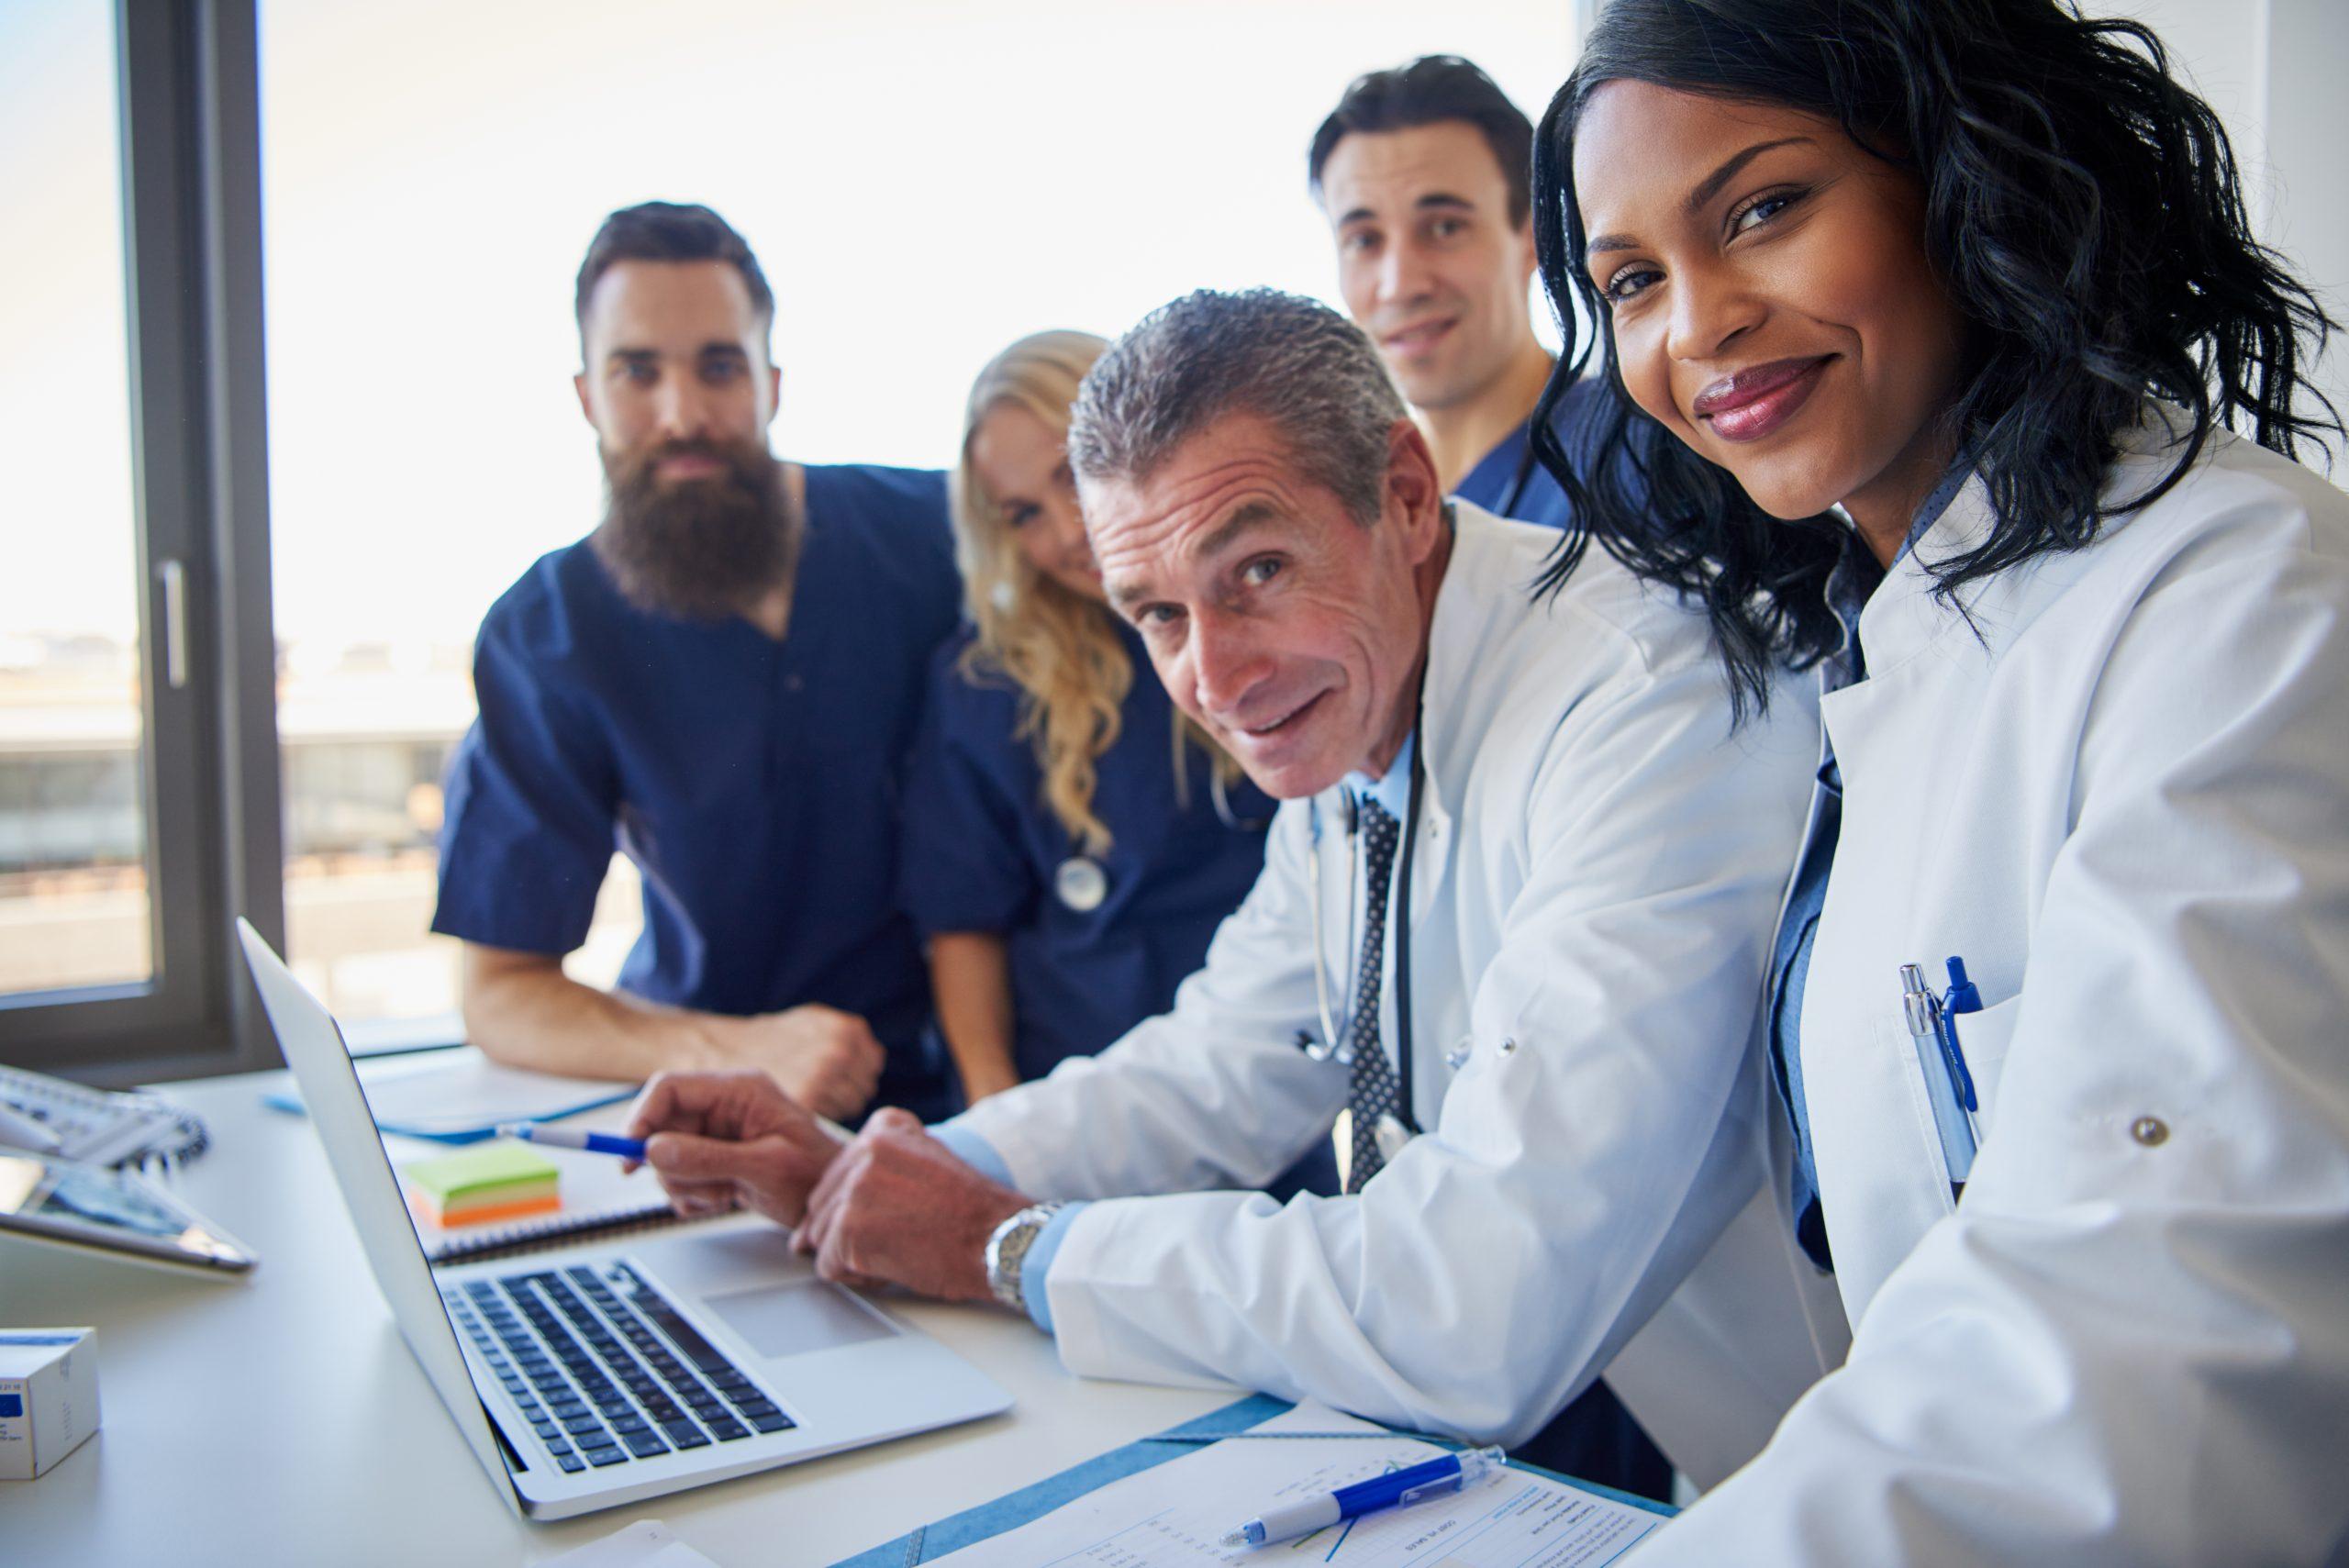 Jak wygląda możliwość stosowanie reklamy przez lekarzy?